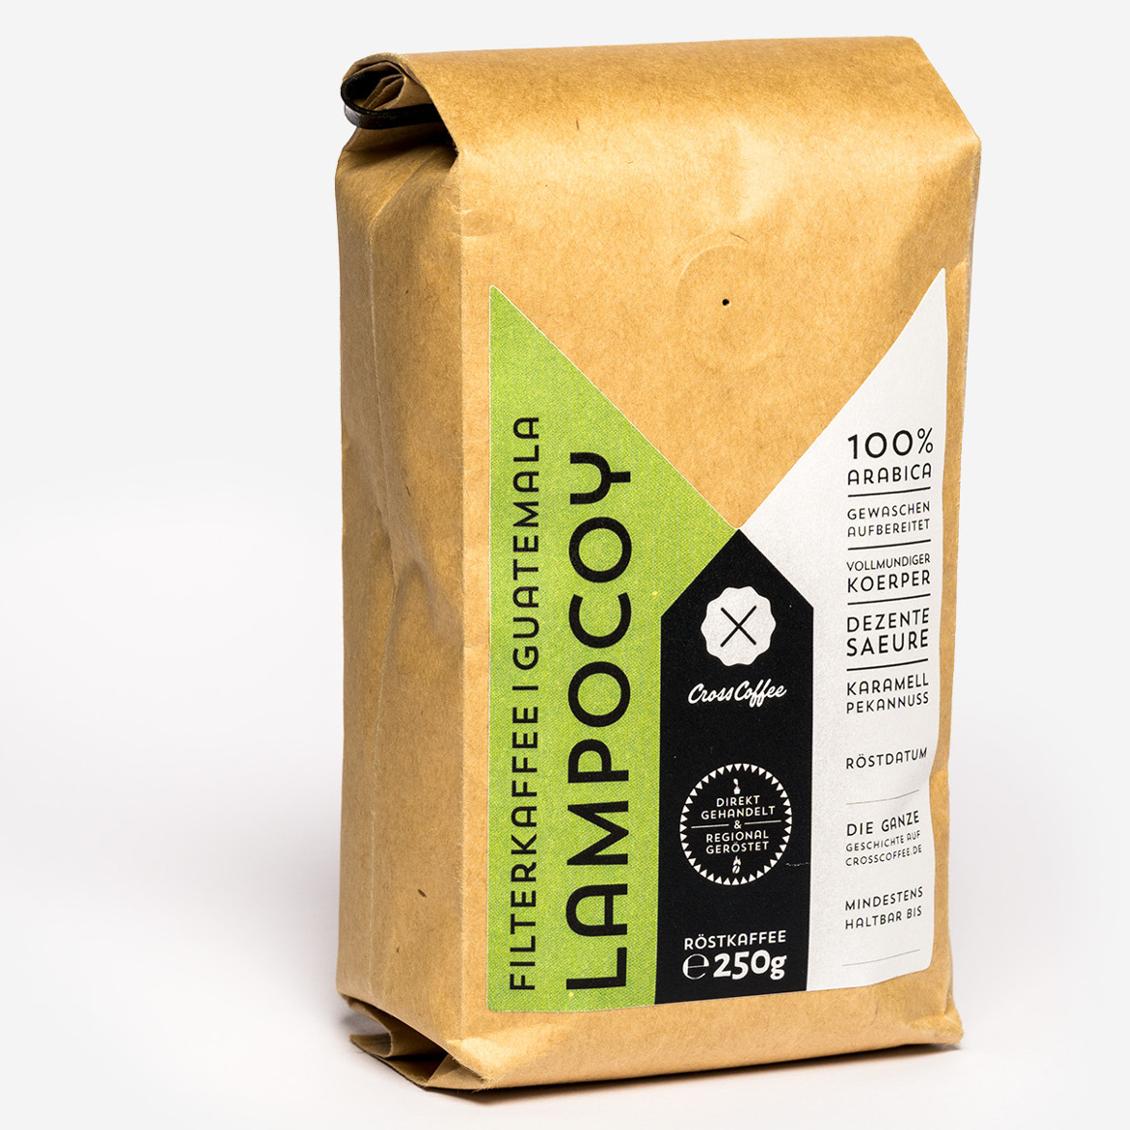 Produktfoto Lampocoy, Filterkaffee aus Guatemala. Geröstet von der Kaffeerösterei Cross Coffee aus Bremen